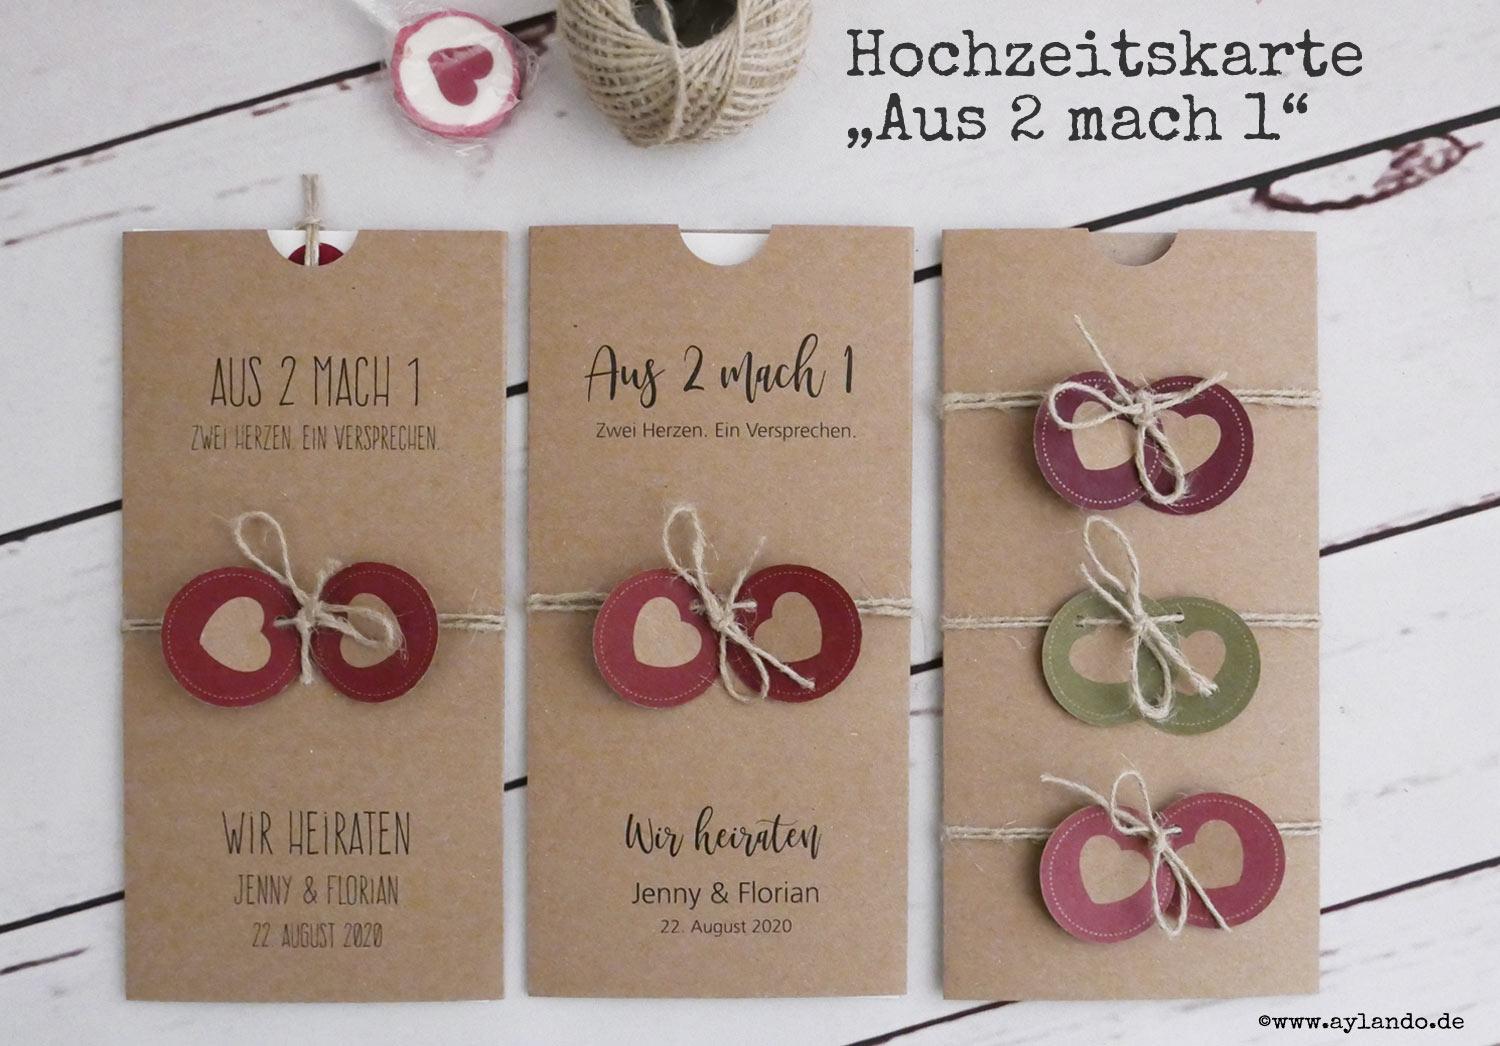 """Hochzeitskarte """"Aus-2-mach-1"""" aus Kraftpapier mit 2 farbigen Herzen"""